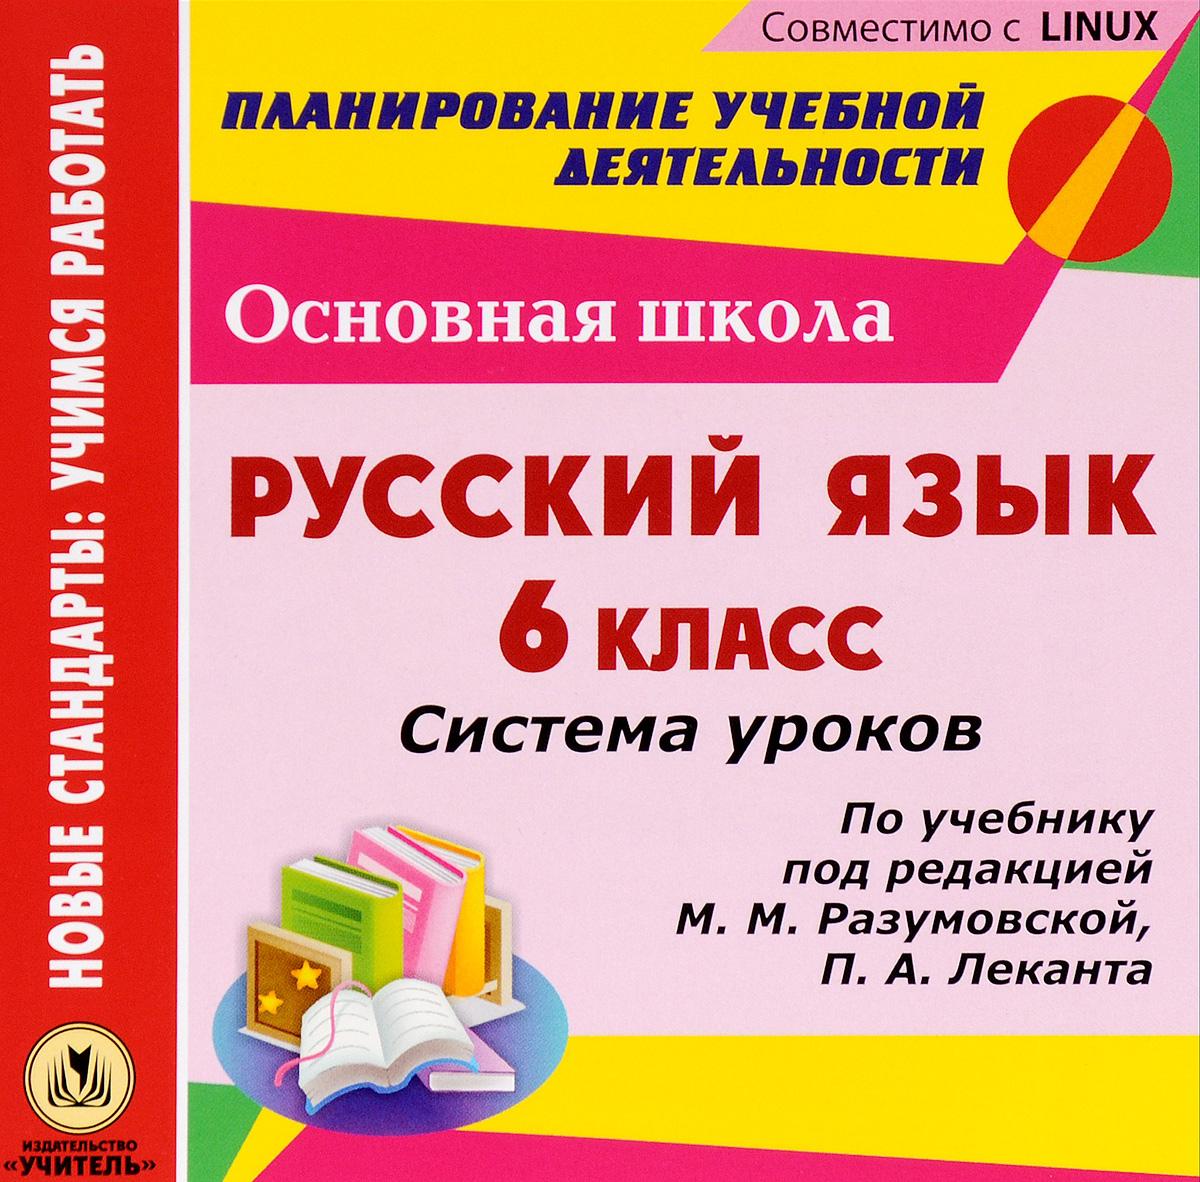 Система уроков по учебнику под редакцией М. М. Разумовской, П. А. Леканта. Русский язык. 6 класс